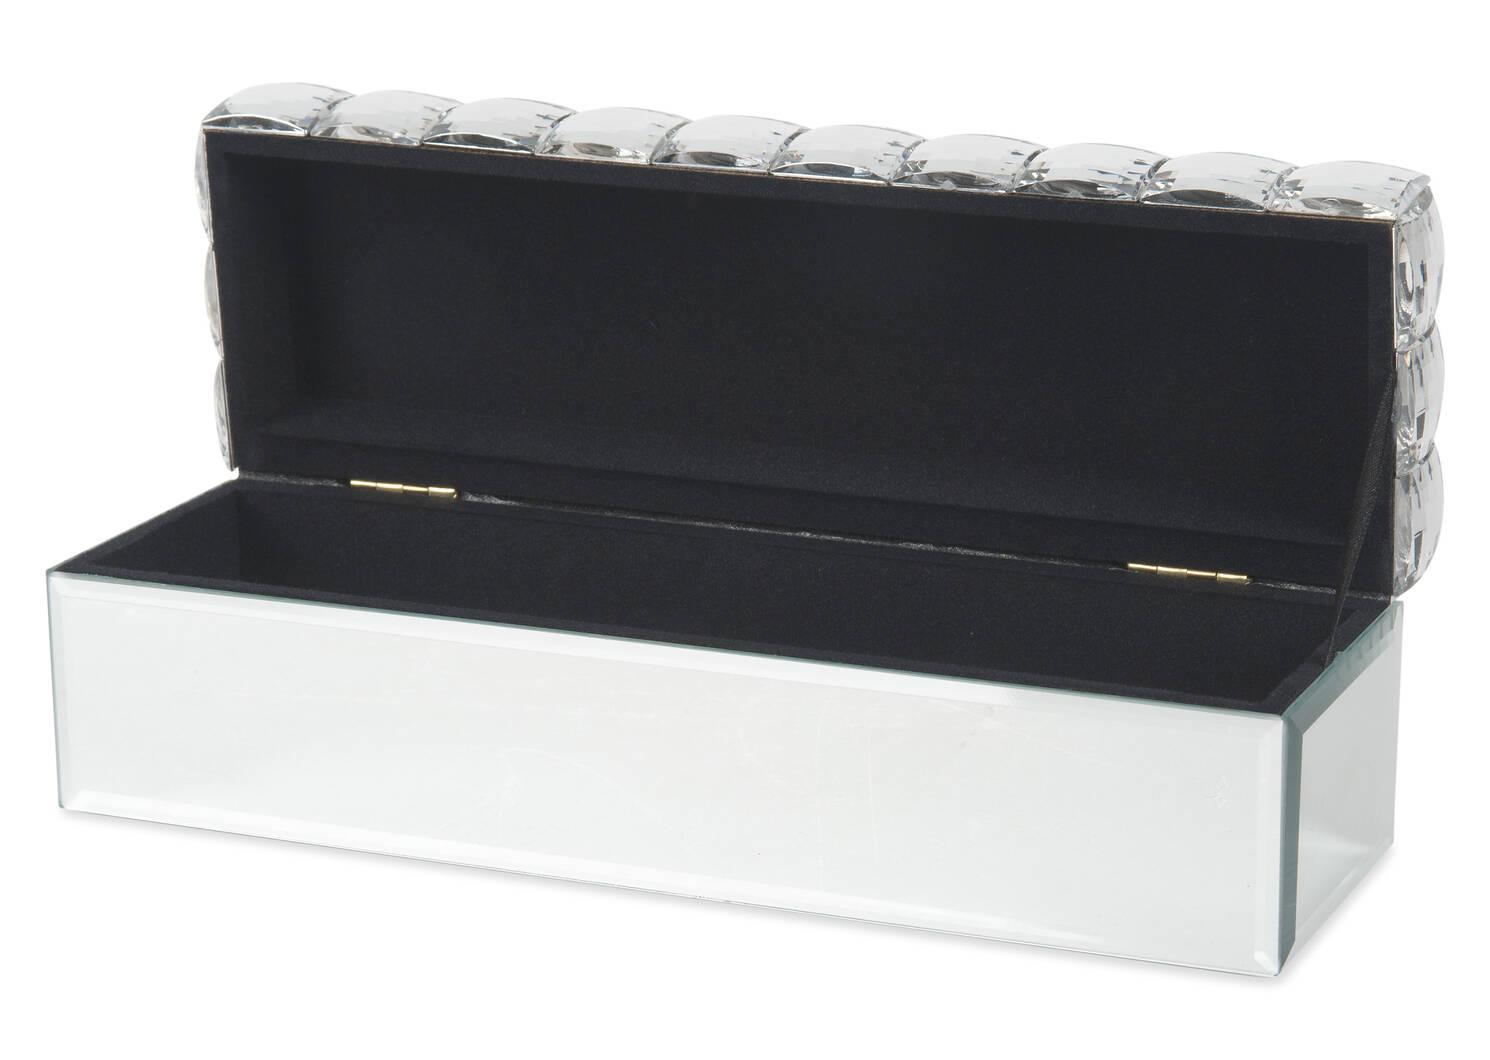 Diamanda Jewelry Box